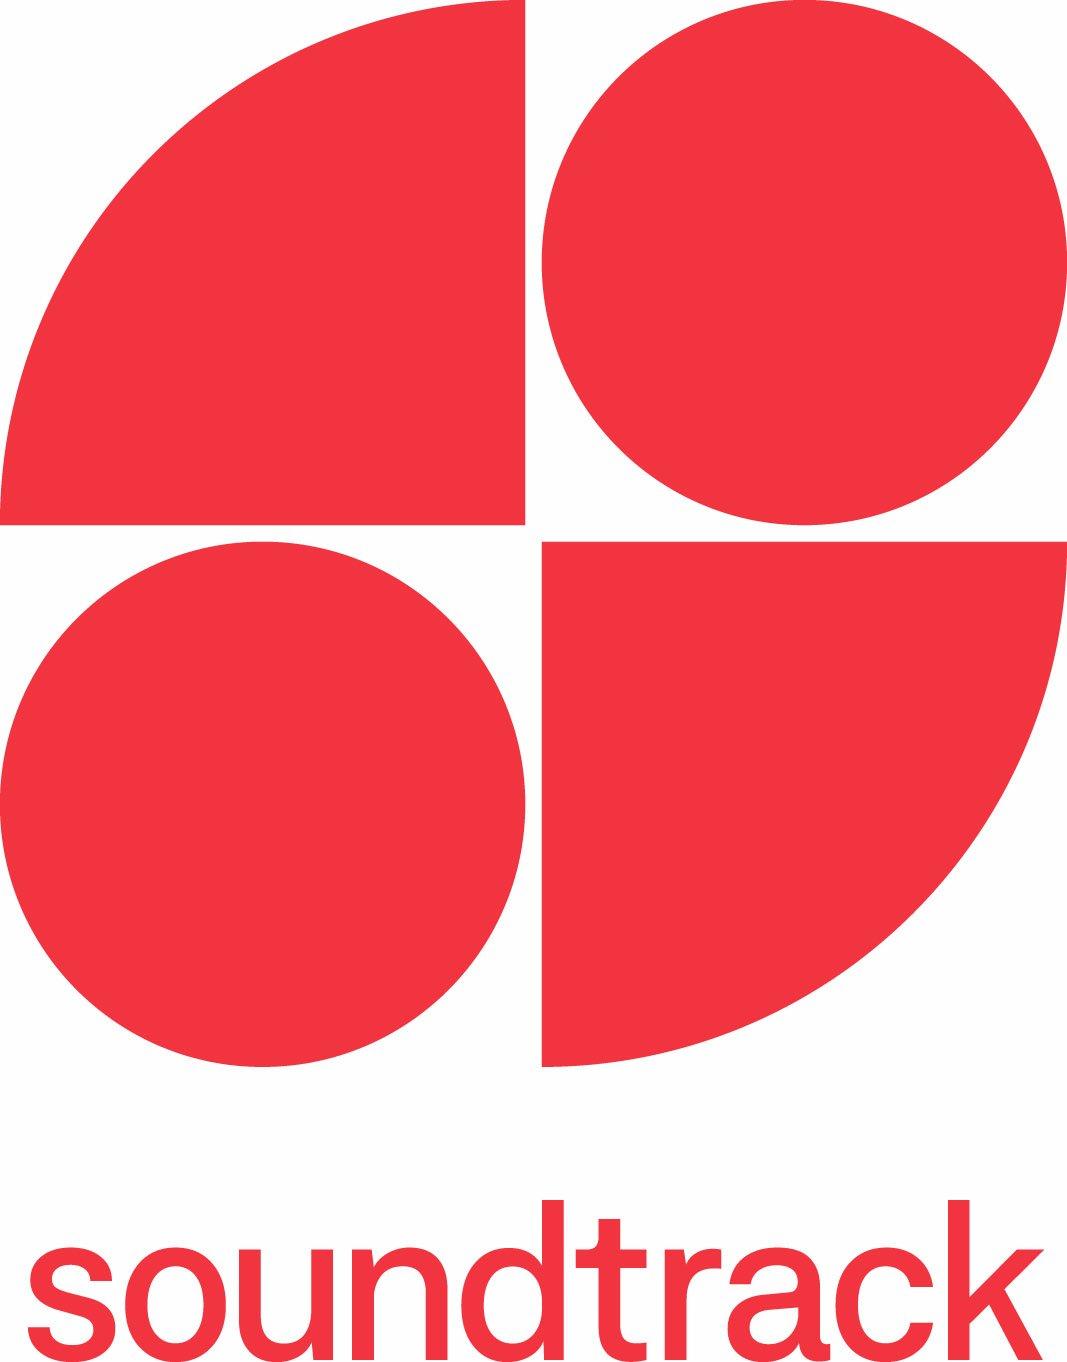 Soundtrack logo